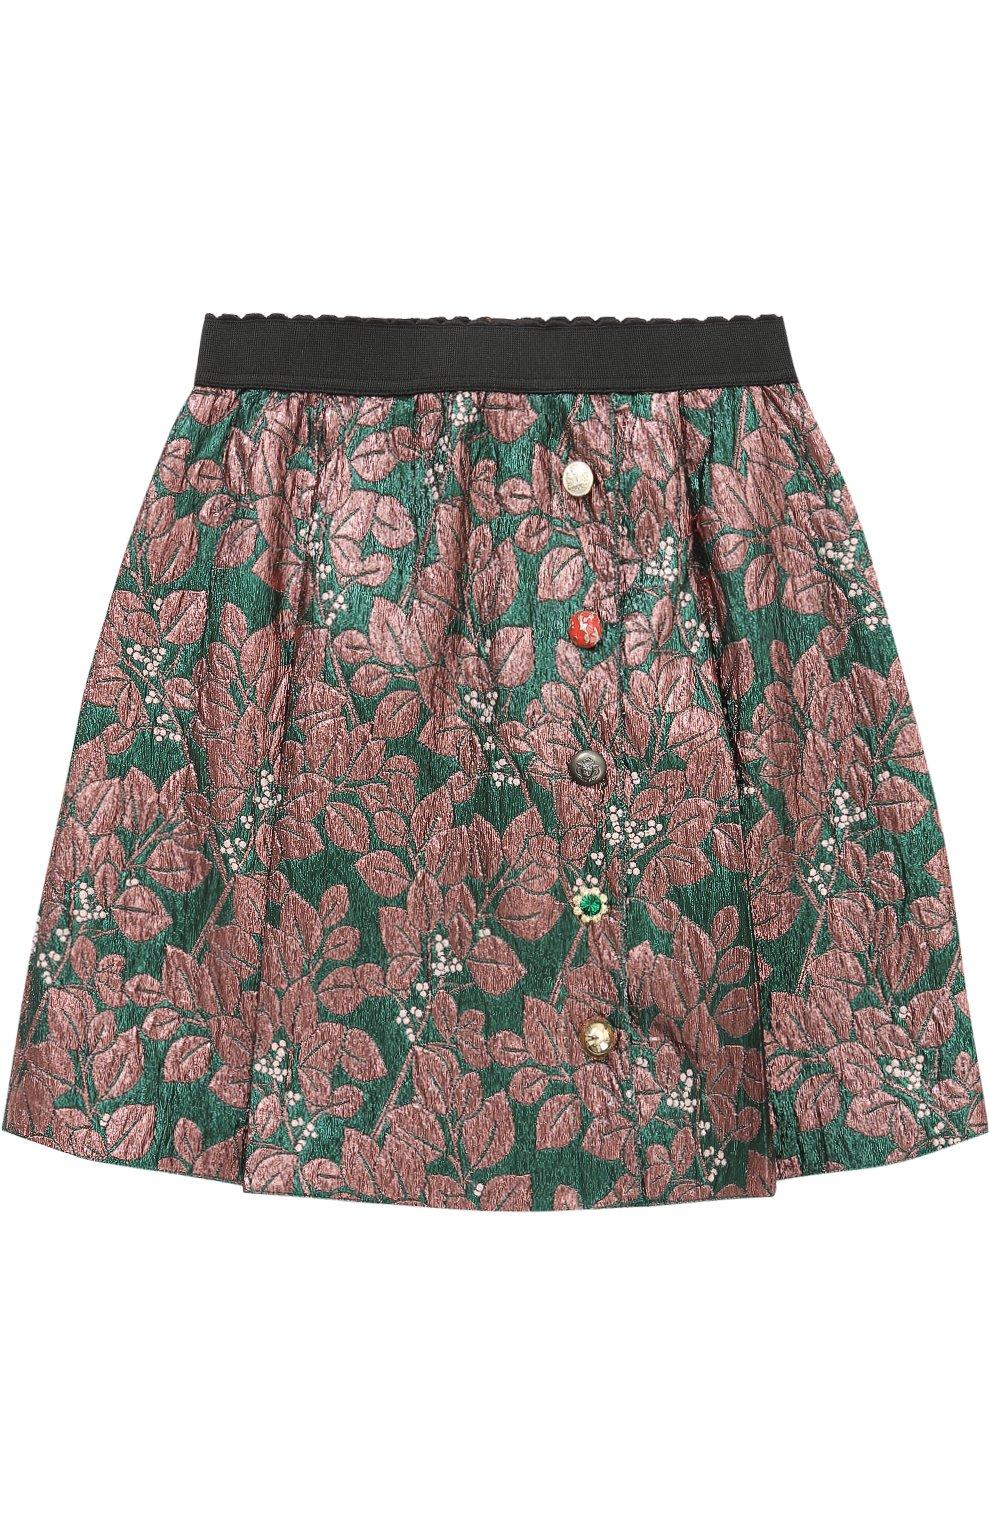 Мини-юбка с металлизированным принтом и декоративными пуговицами | Фото №1